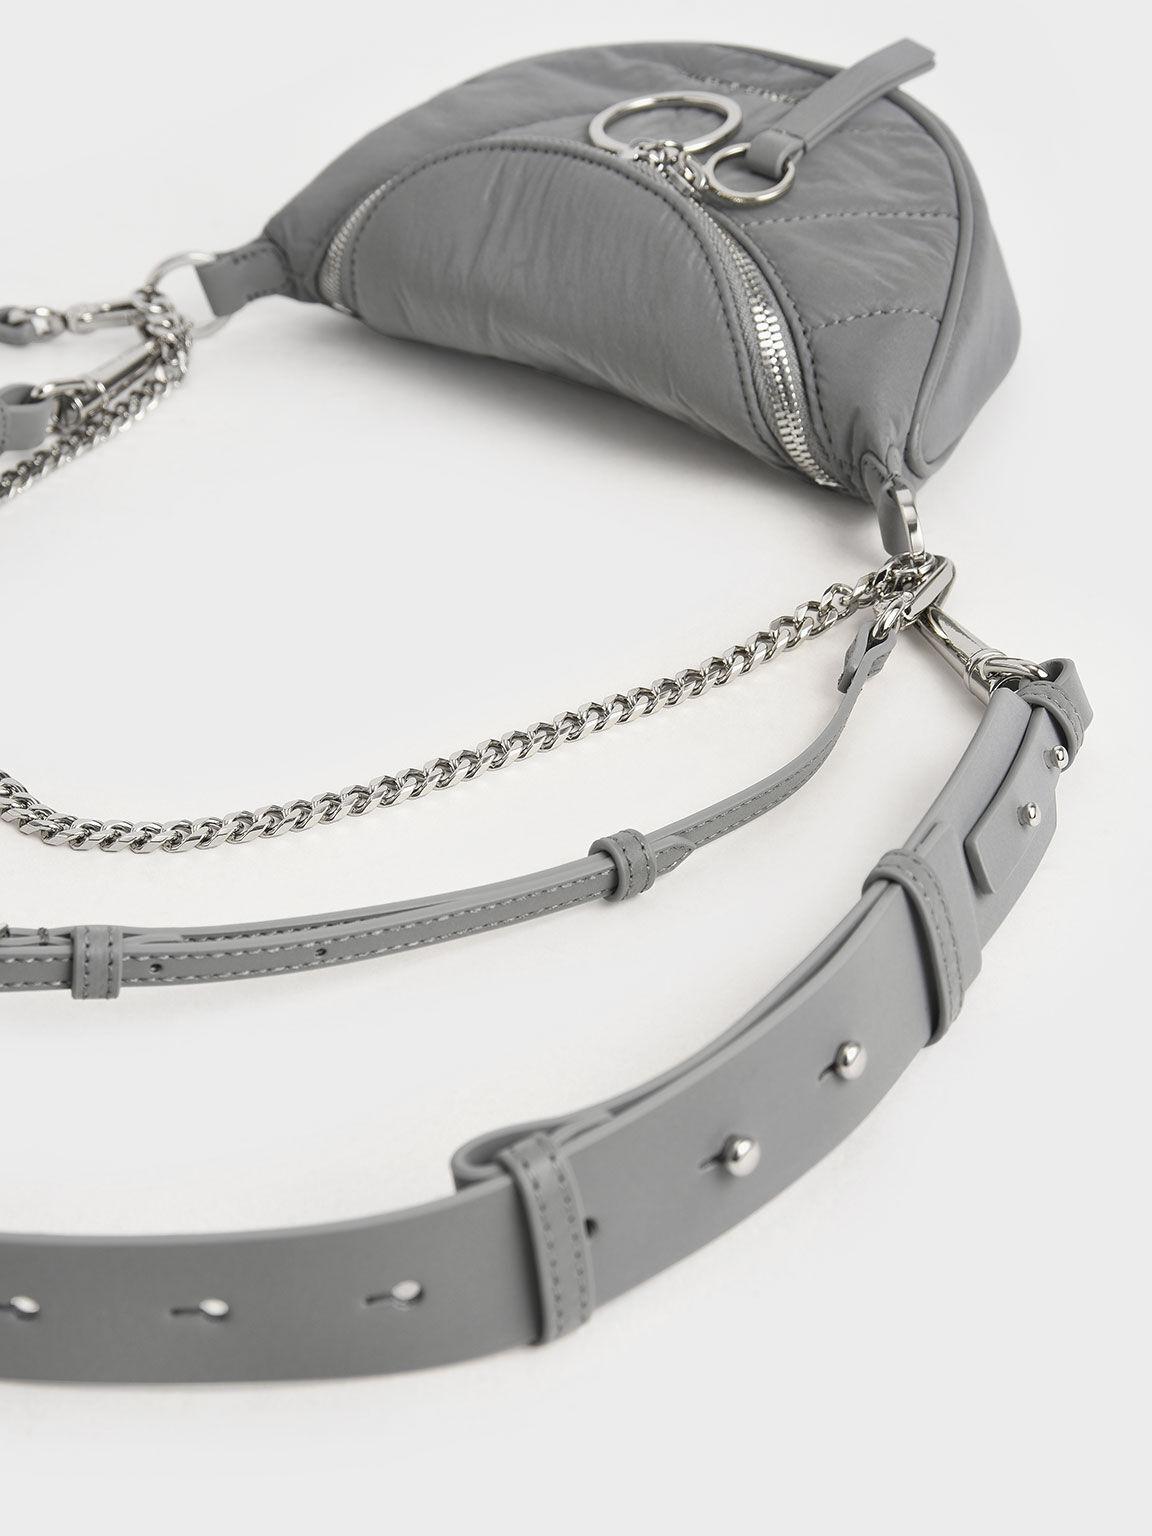 拉鍊式斜背包, 灰色, hi-res